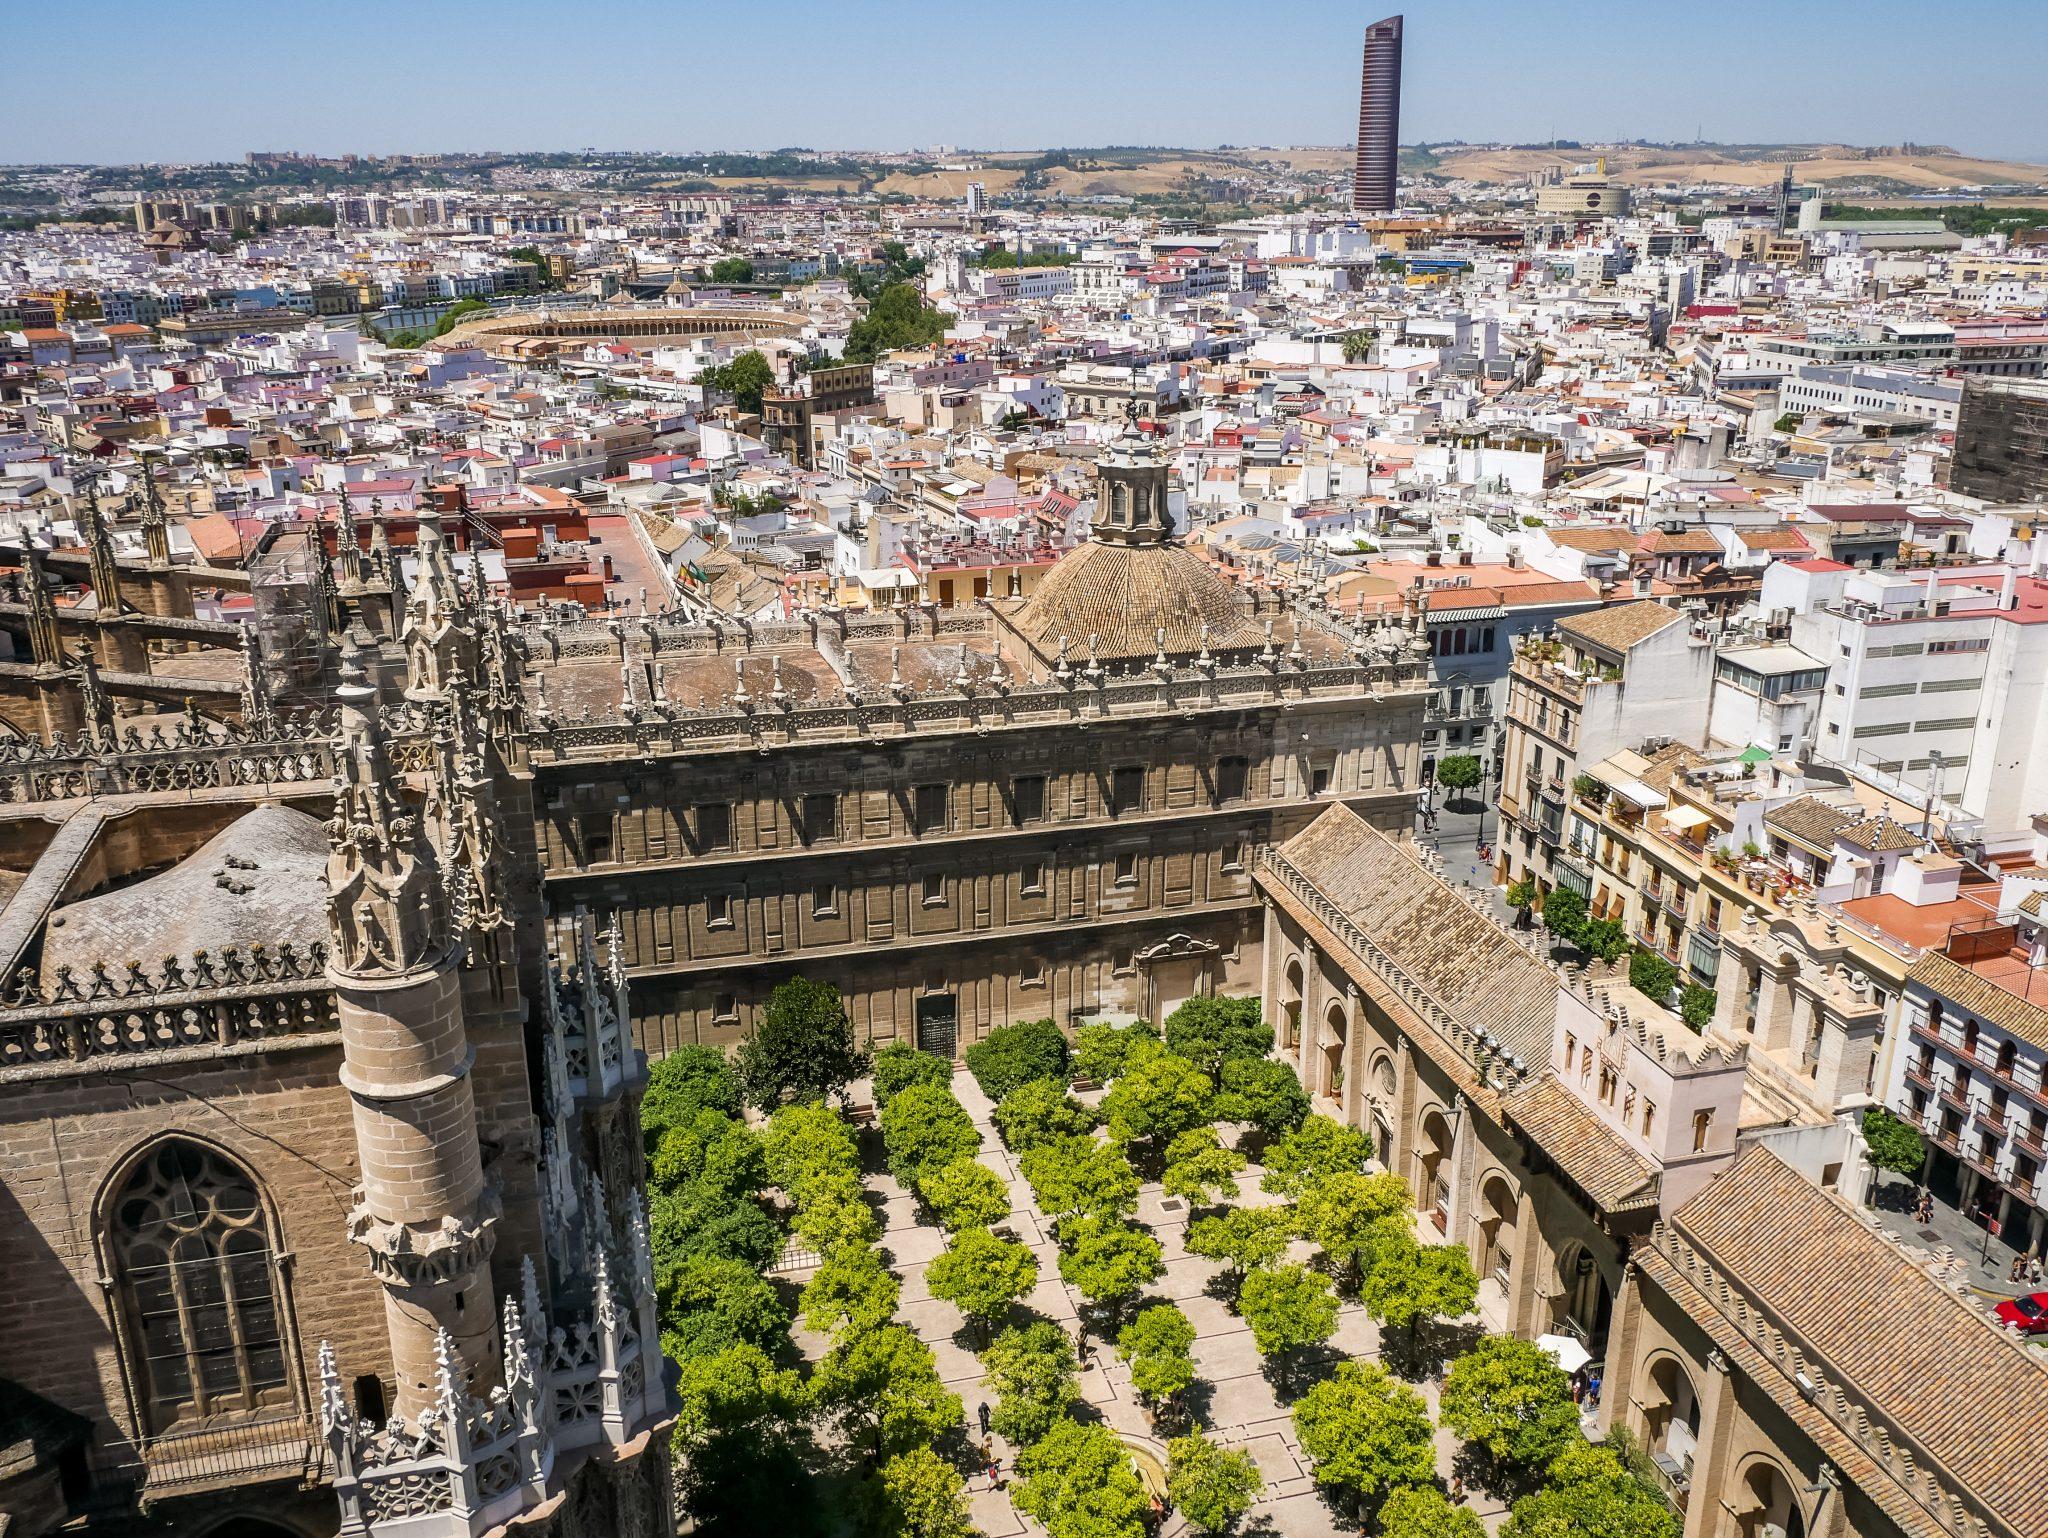 Dadurch, dass ich mein Auslandssemester in Sevilla absolviert habe, durfte ich in der Stadt 6 Monate verbringen und habe jeden einzelnen Tag sehr genossen!